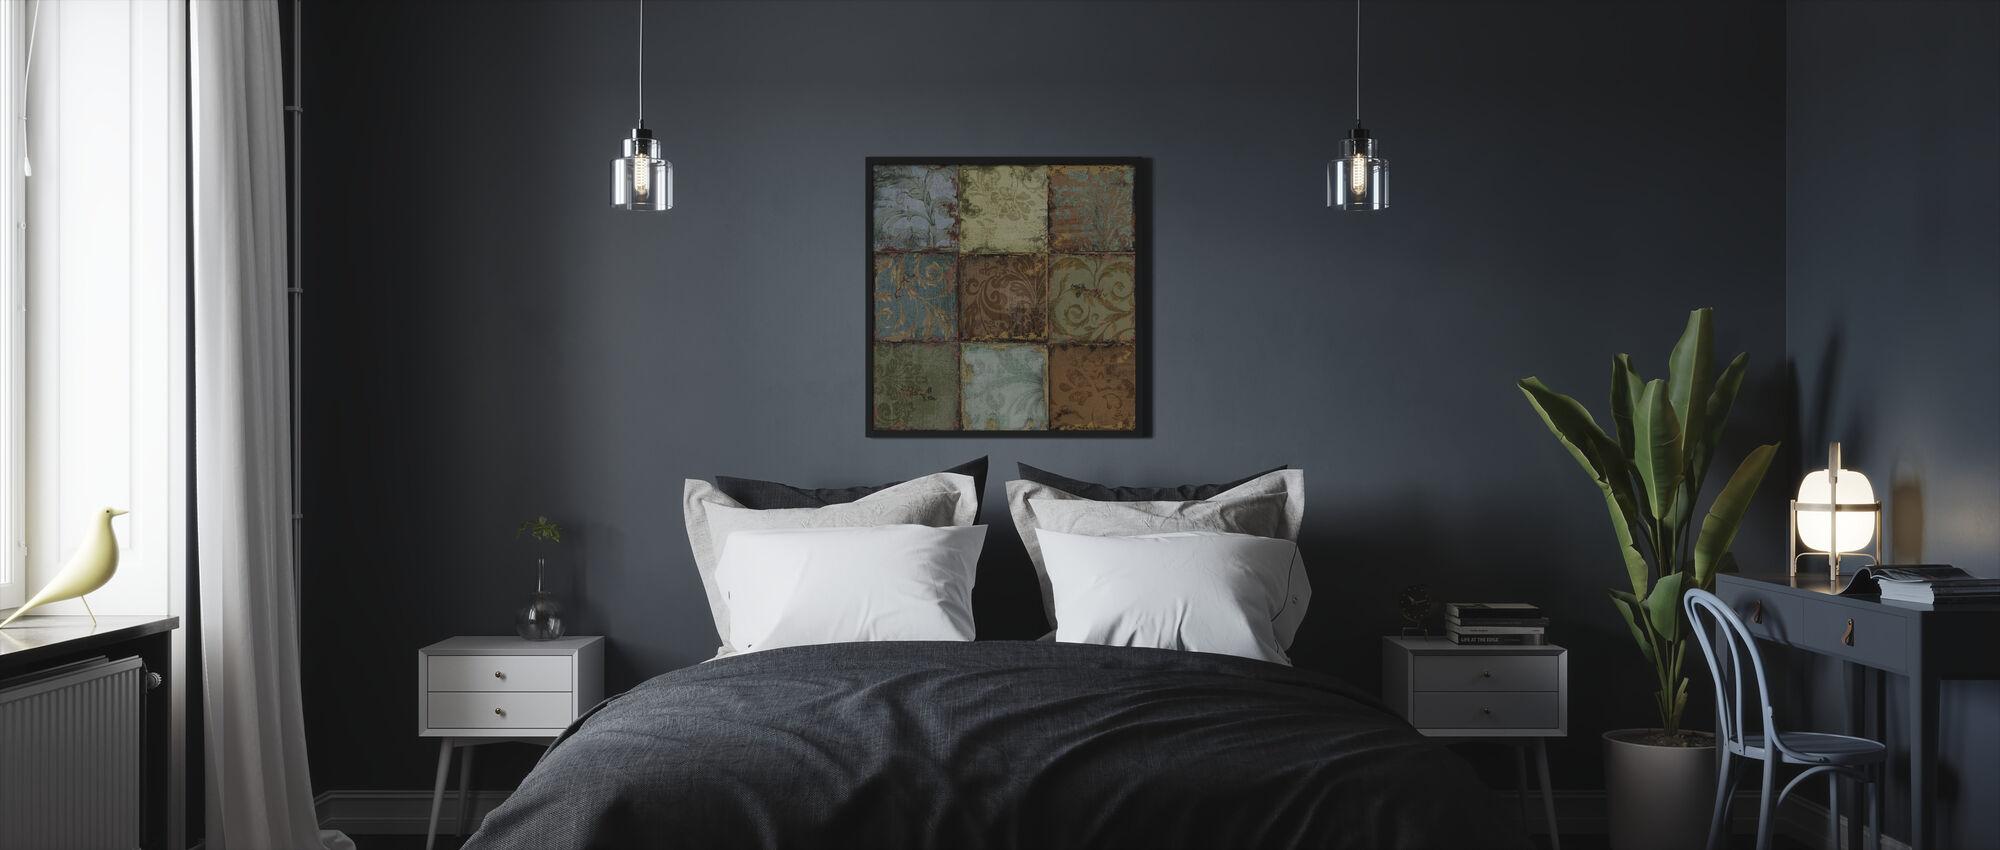 Tapestry Fliser 1 - Innrammet bilde - Soverom